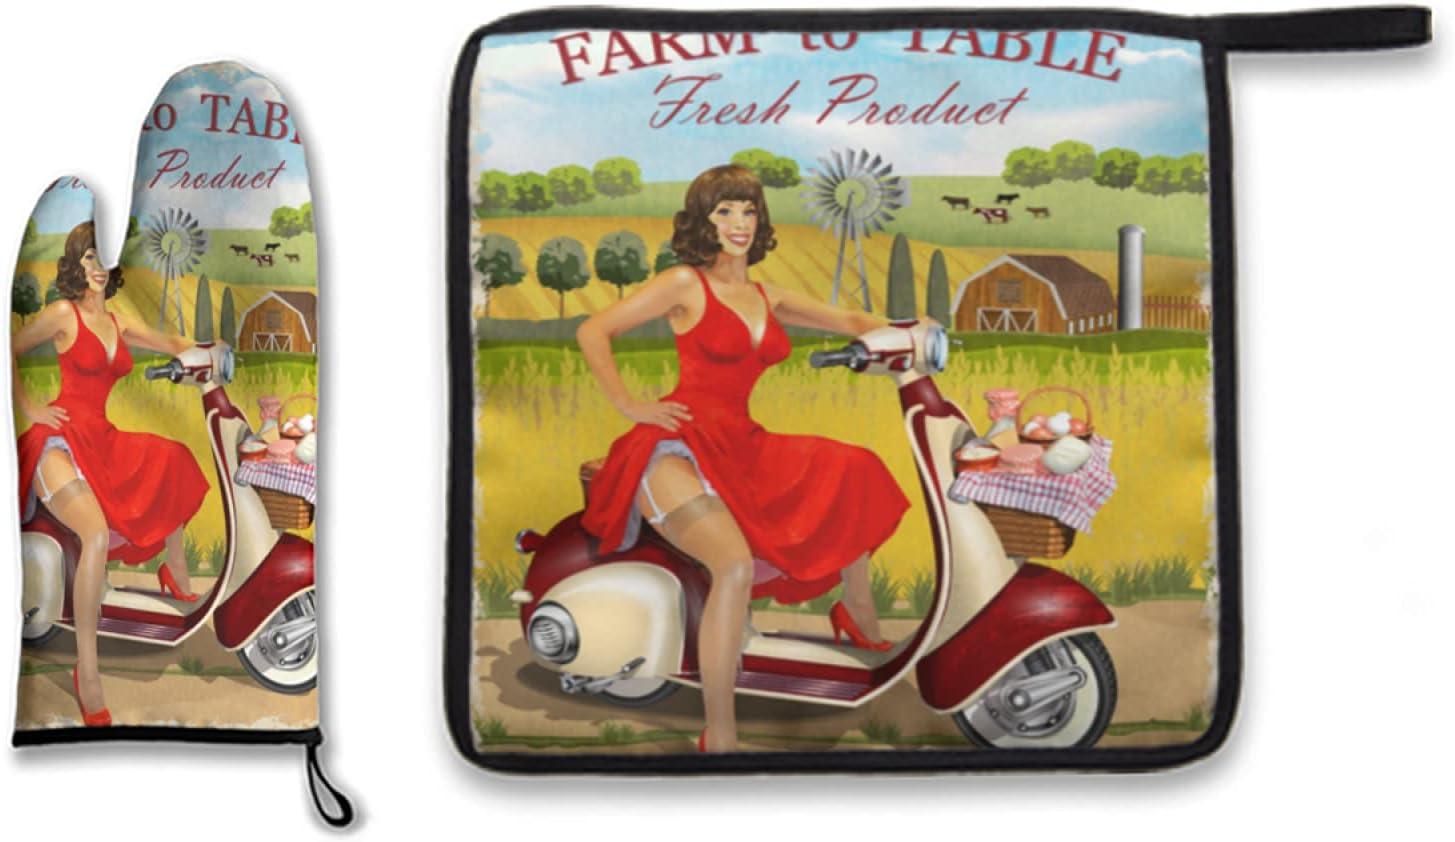 Juego de 2 manoplas para horno y soportes para ollas, scooter antiguo con canasta de lácteos y póster fresco de granja vintage de pin up girl, guantes de cocina resistentes al calor seguros